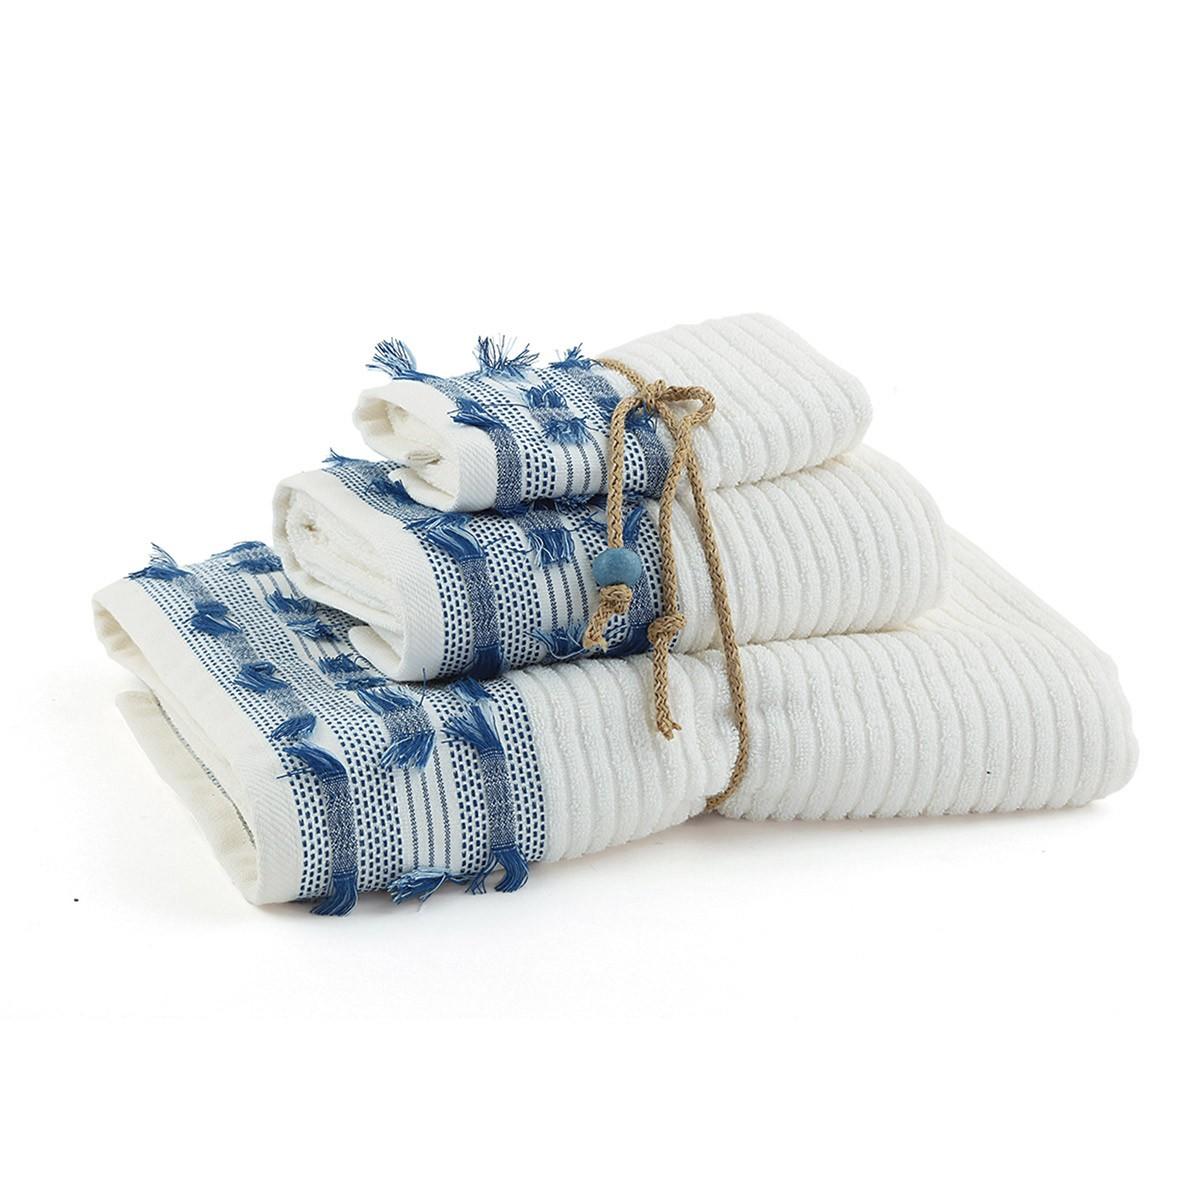 Πετσέτες Μπάνιου (Σετ 3τμχ) Nef-Nef Blue Palina